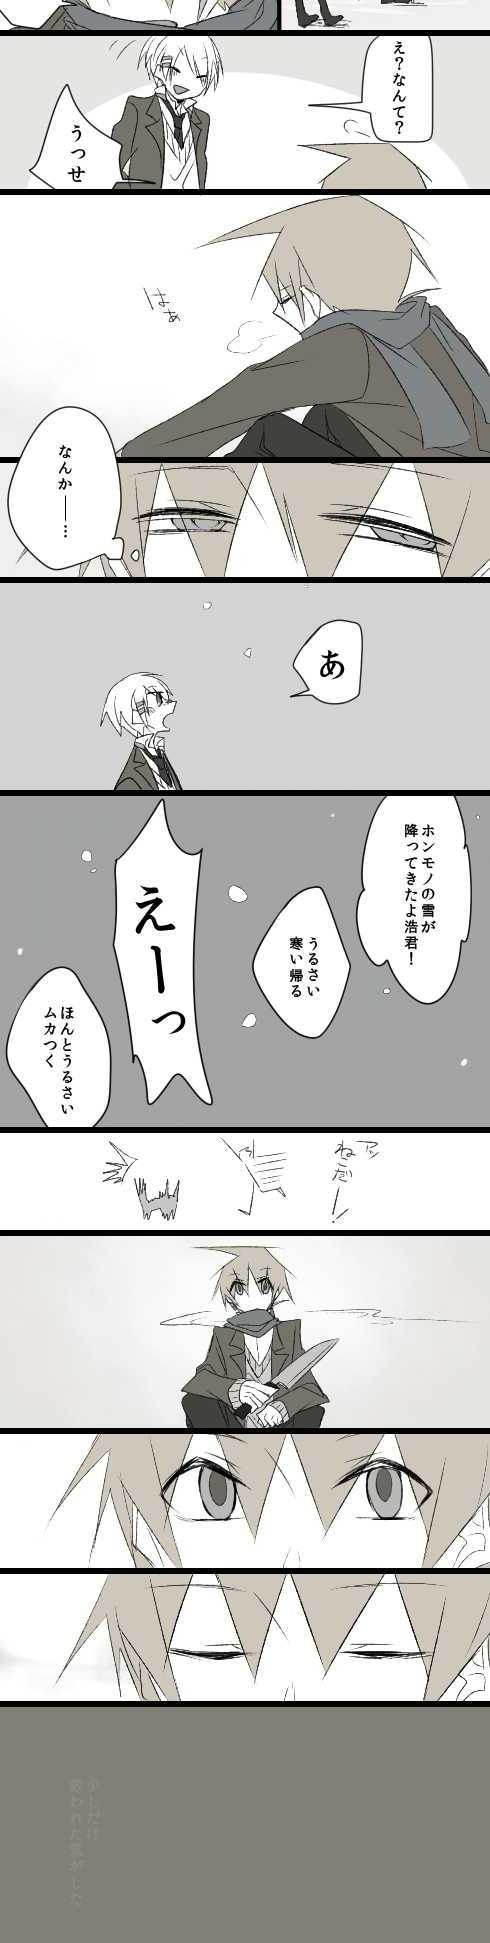 11.一ミリの肯定